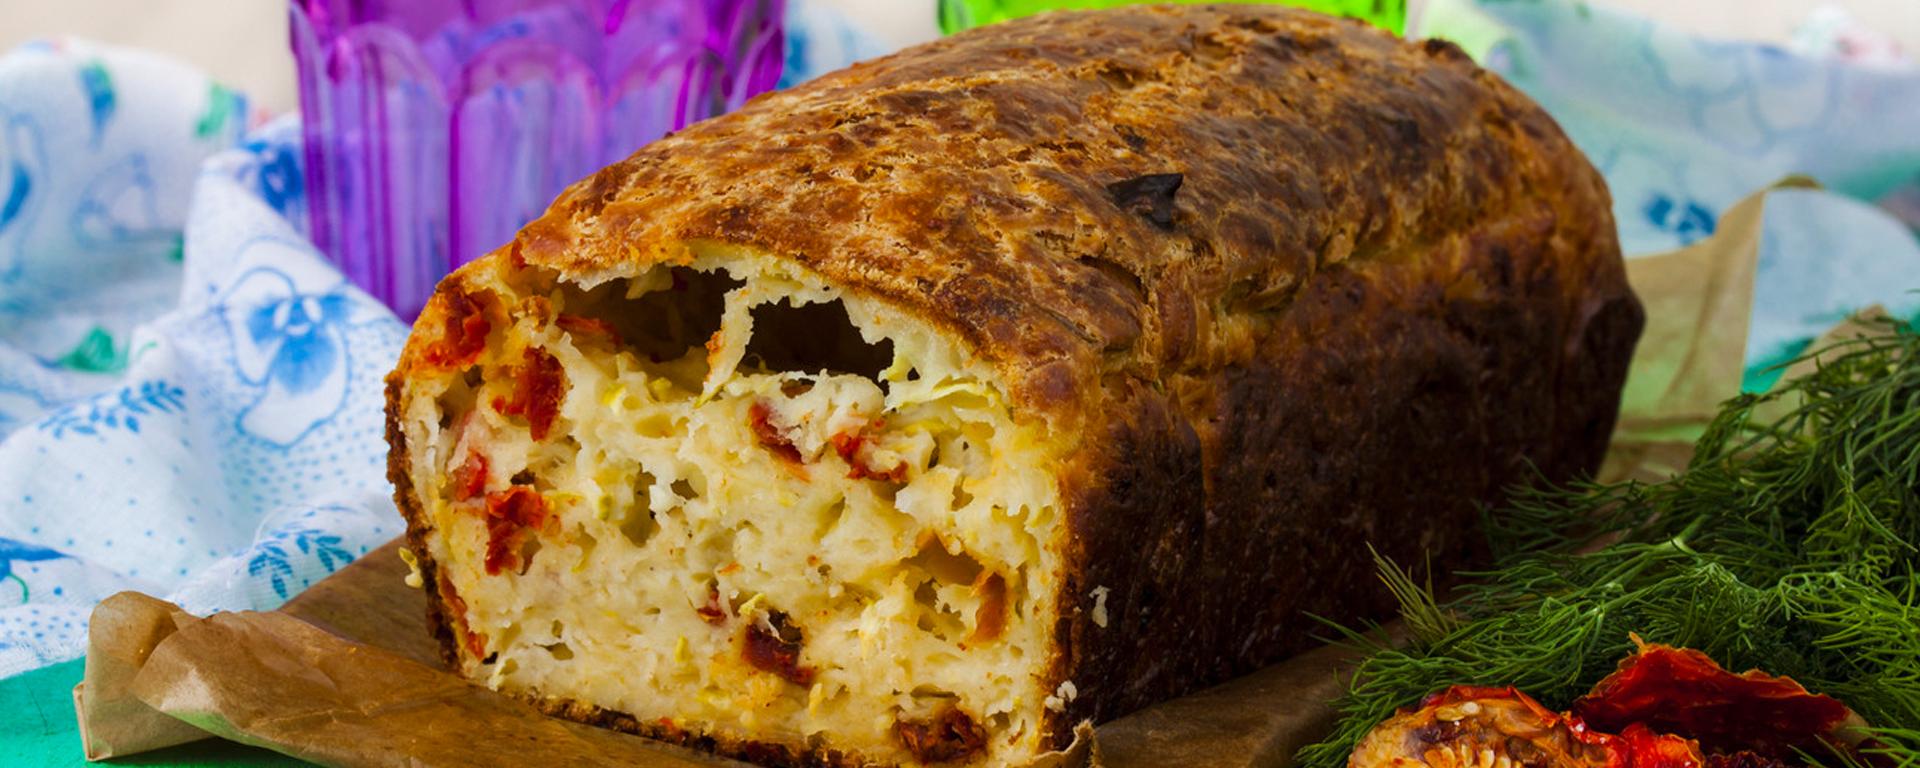 Photo for - Sun-Dried Tomato and Provolone Bread